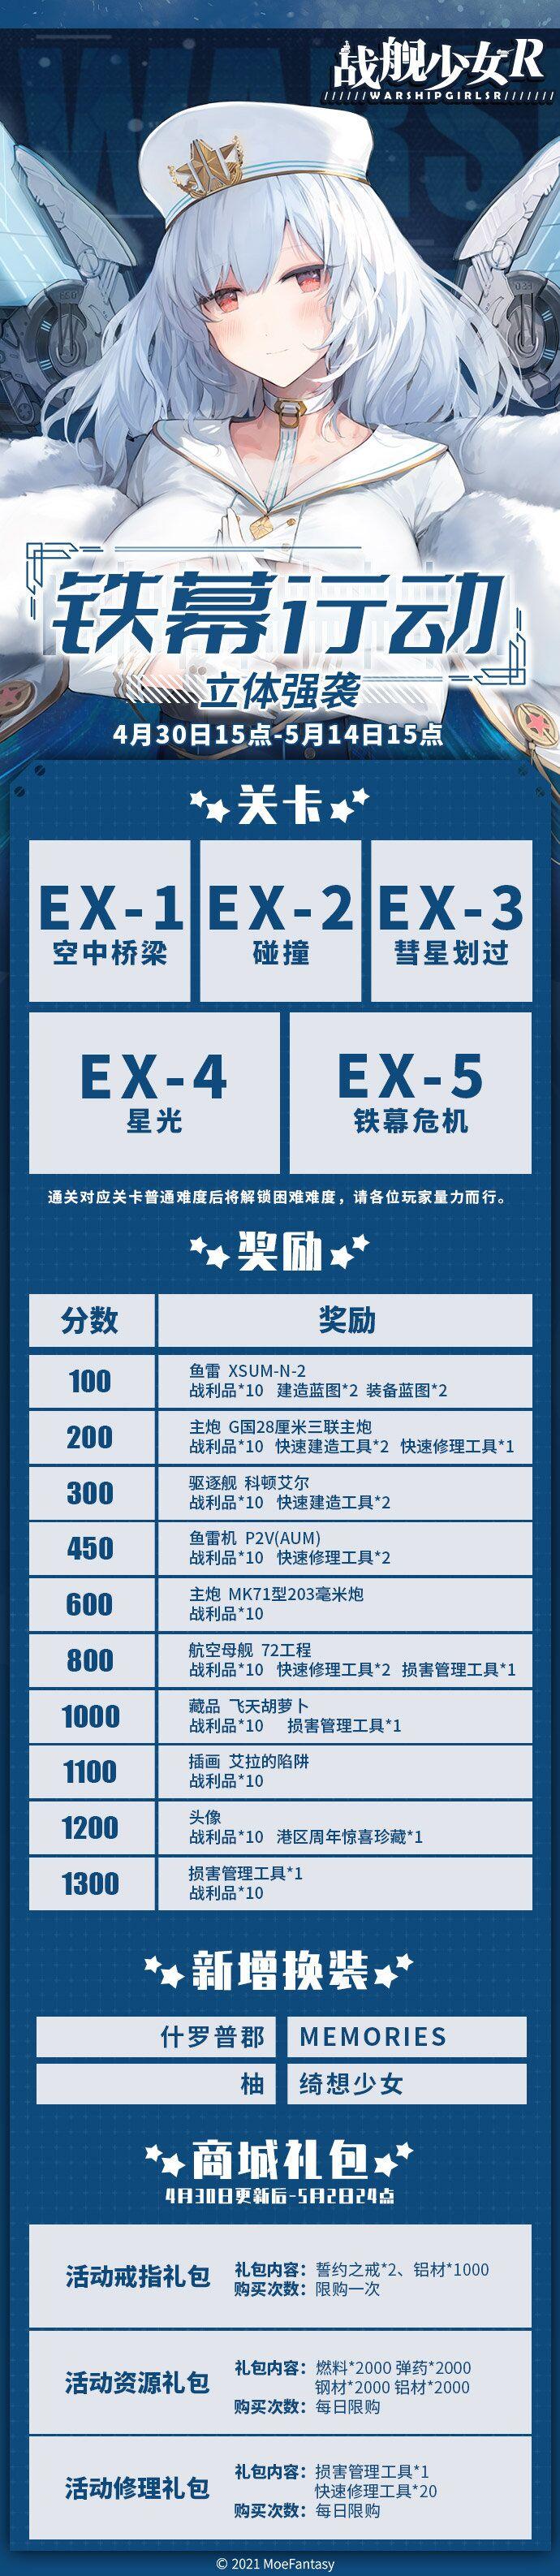 """2021.4.30 服务器维护 & 立体强袭——""""铁幕行动""""活动公..."""